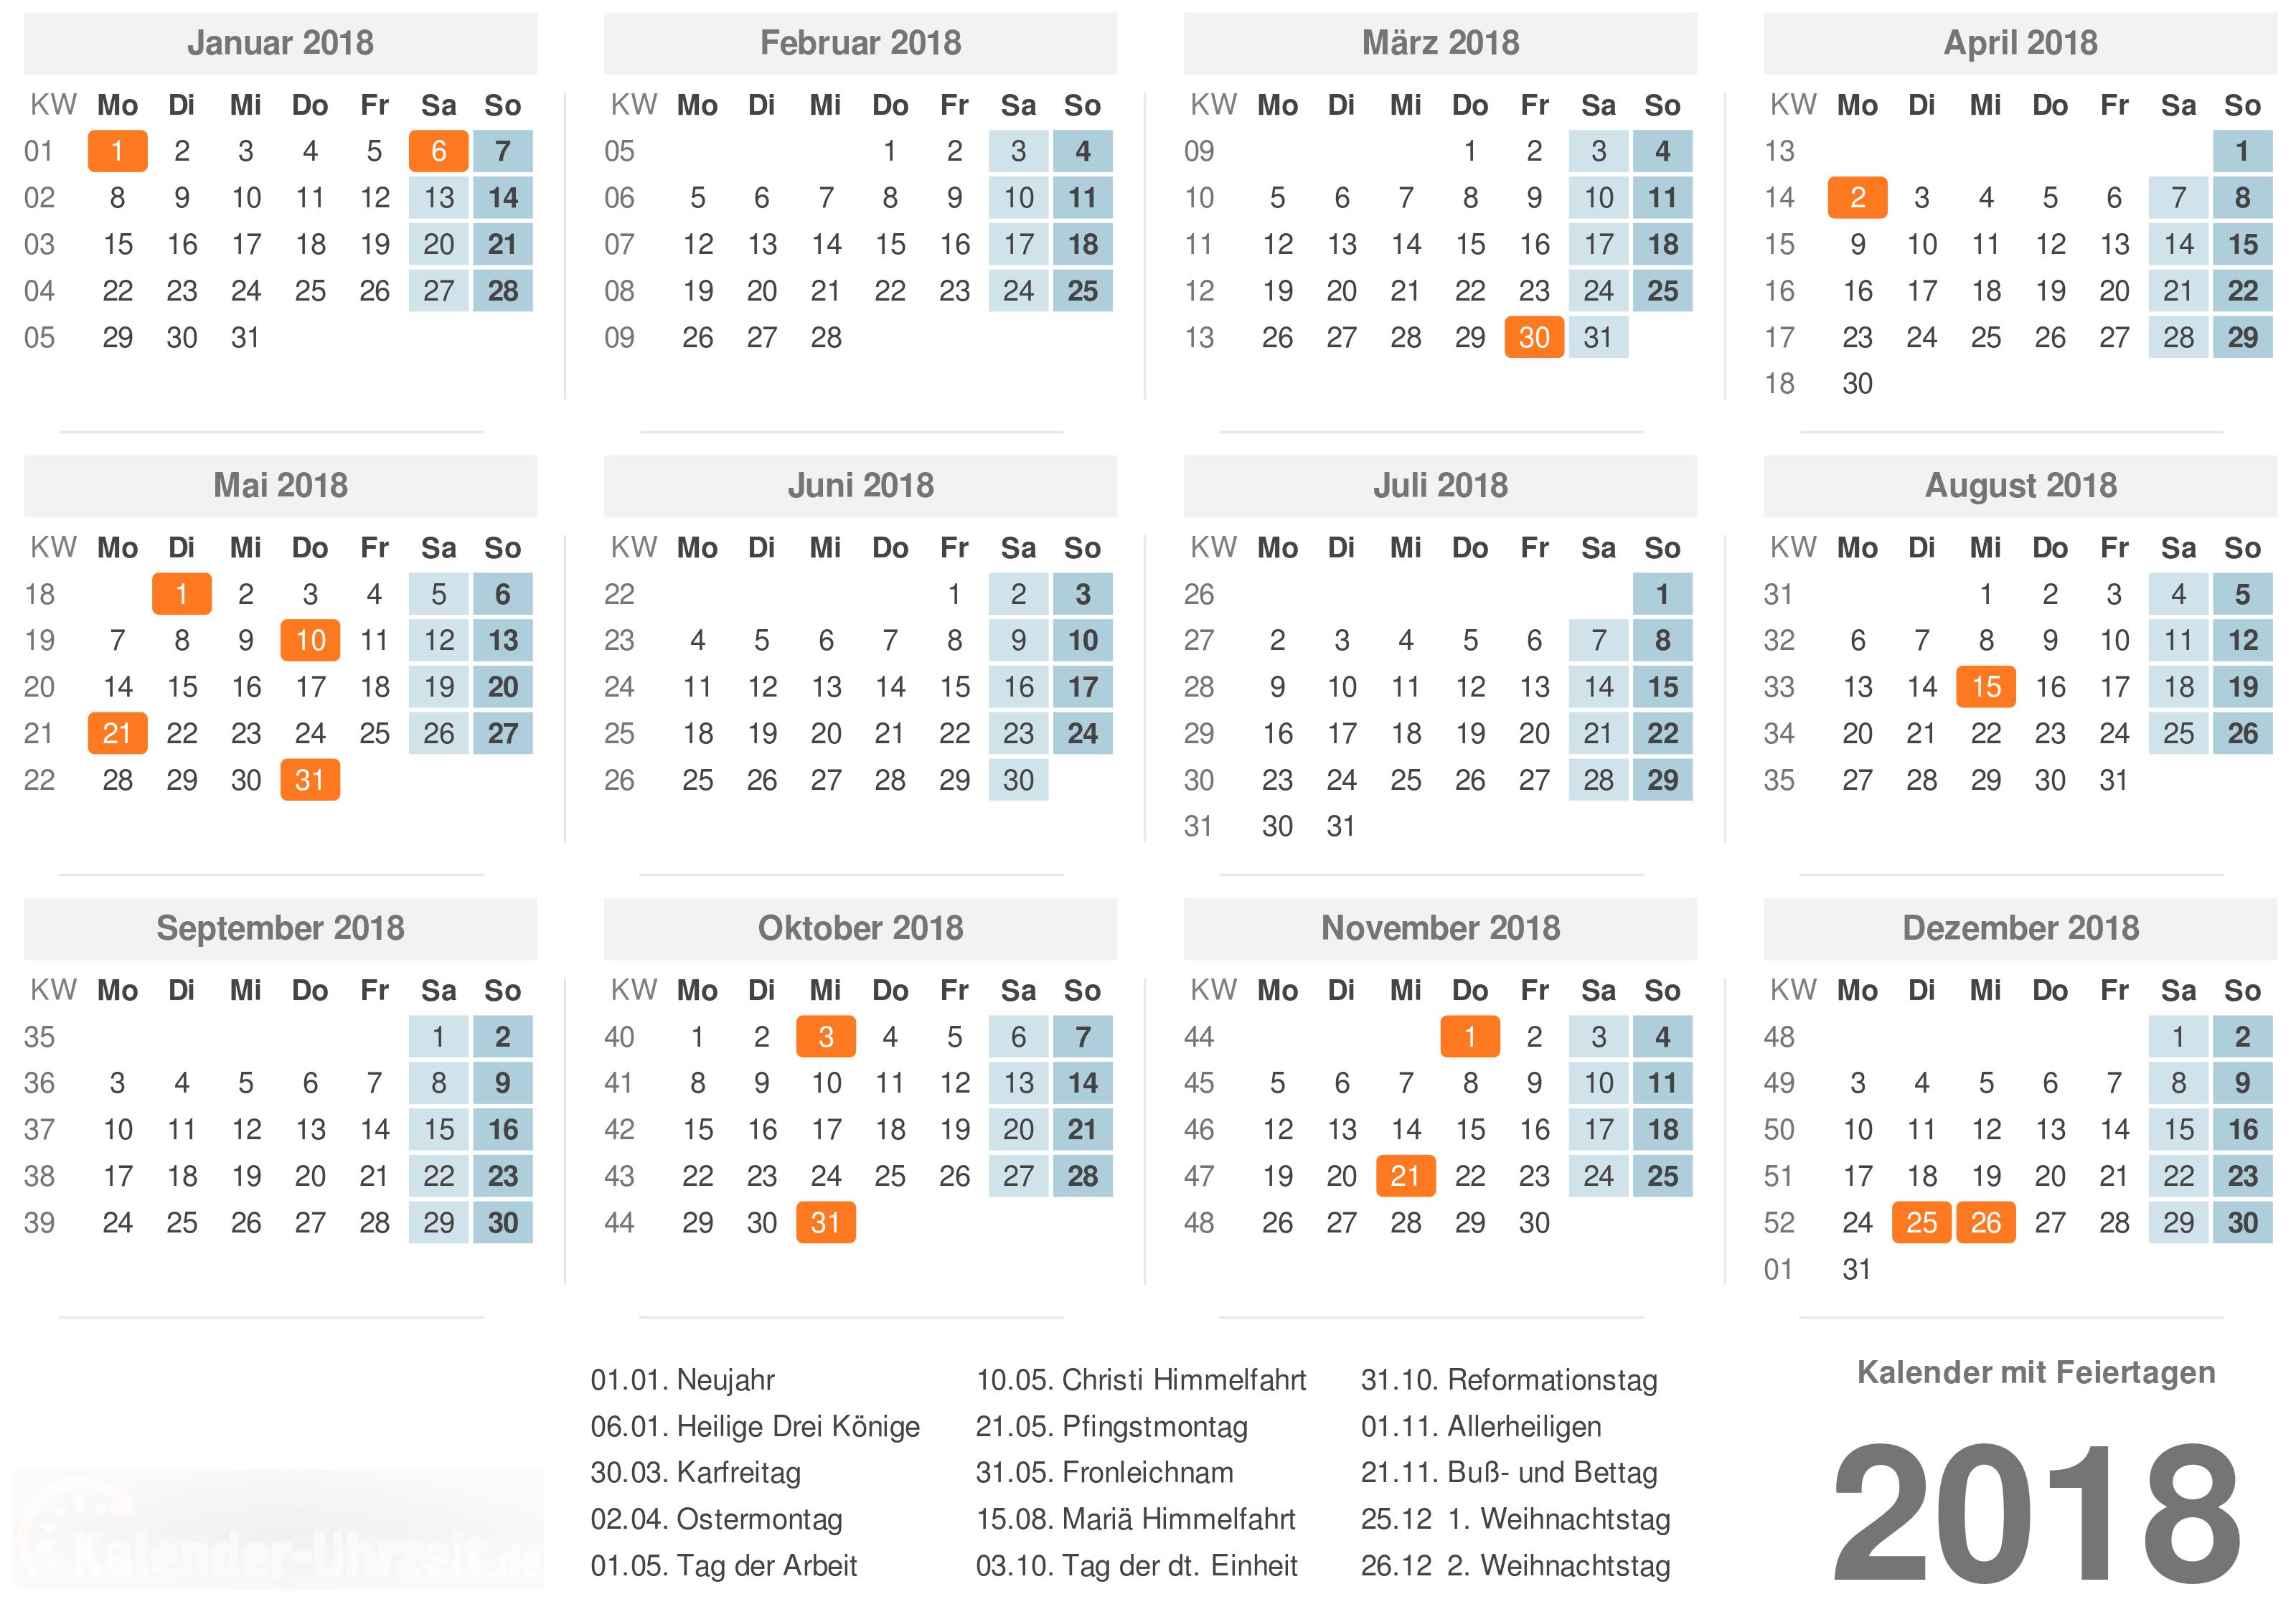 Kalender 2018 mit Feiertagen - PDF-Vorlage 1 Vorschau